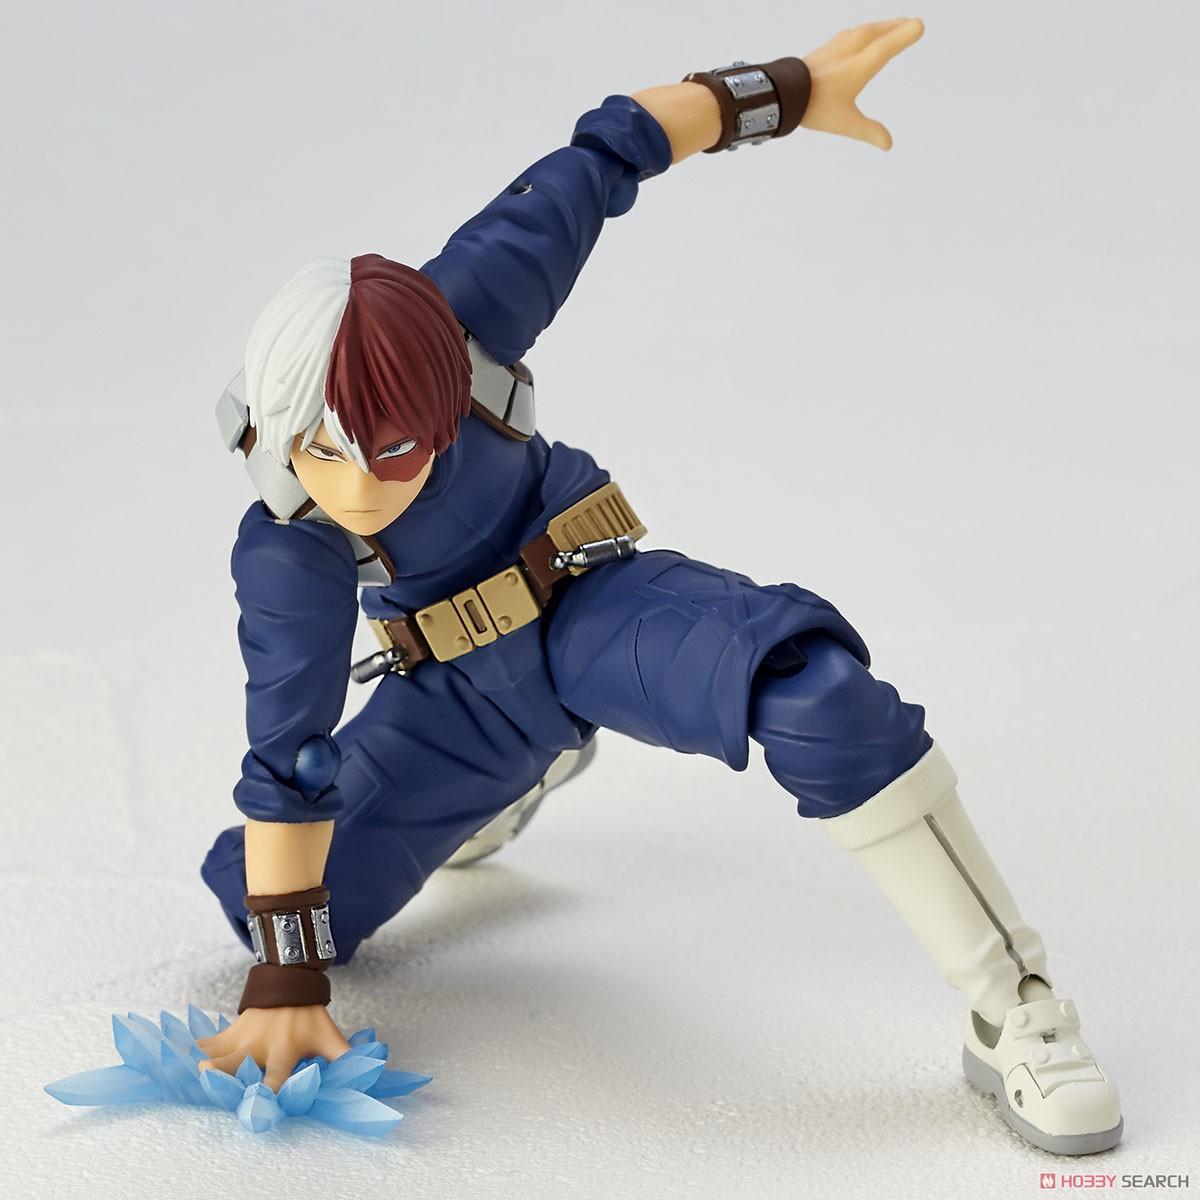 フィギュアコンプレックス アメイジング・ヤマグチ No.026『轟焦凍』僕のヒーローアカデミア 可動フィギュア-012